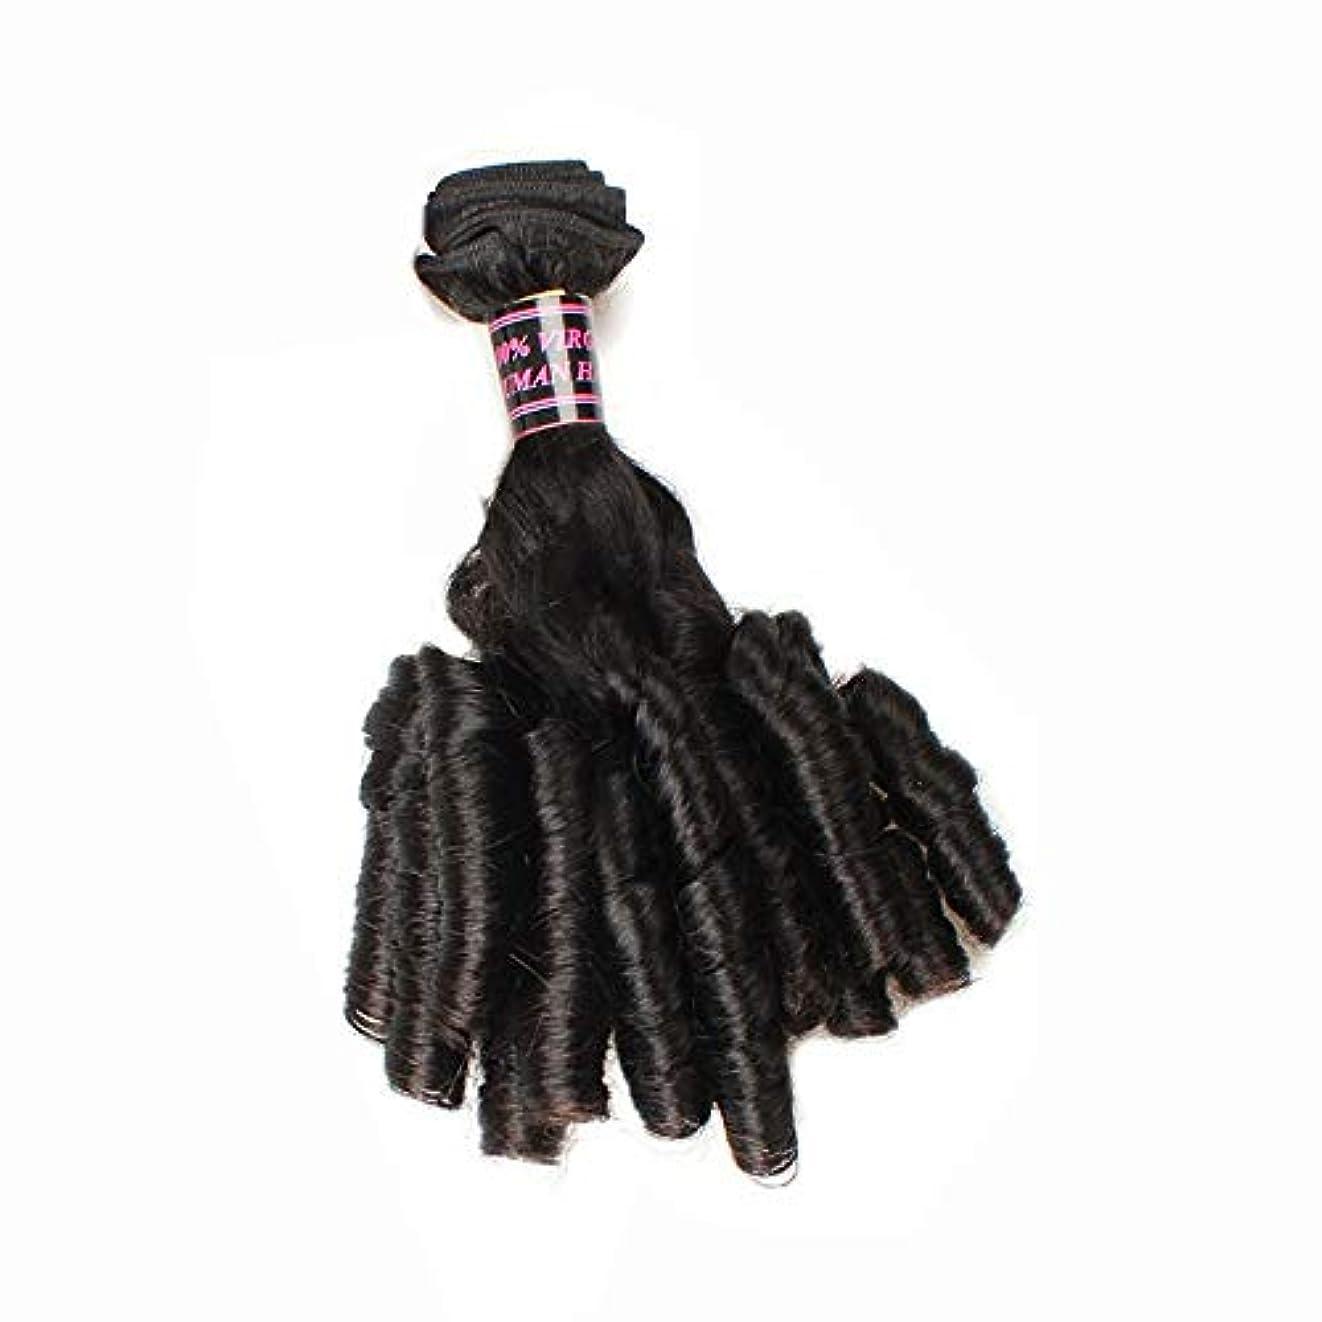 砲撃十億先HOHYLLYA ブラジルのFunmi人間の髪の毛ショートカーリー織り緩い波スパイラルカール髪の束ロールプレイングかつら女性のかつら (色 : 黒, サイズ : 16 inch)